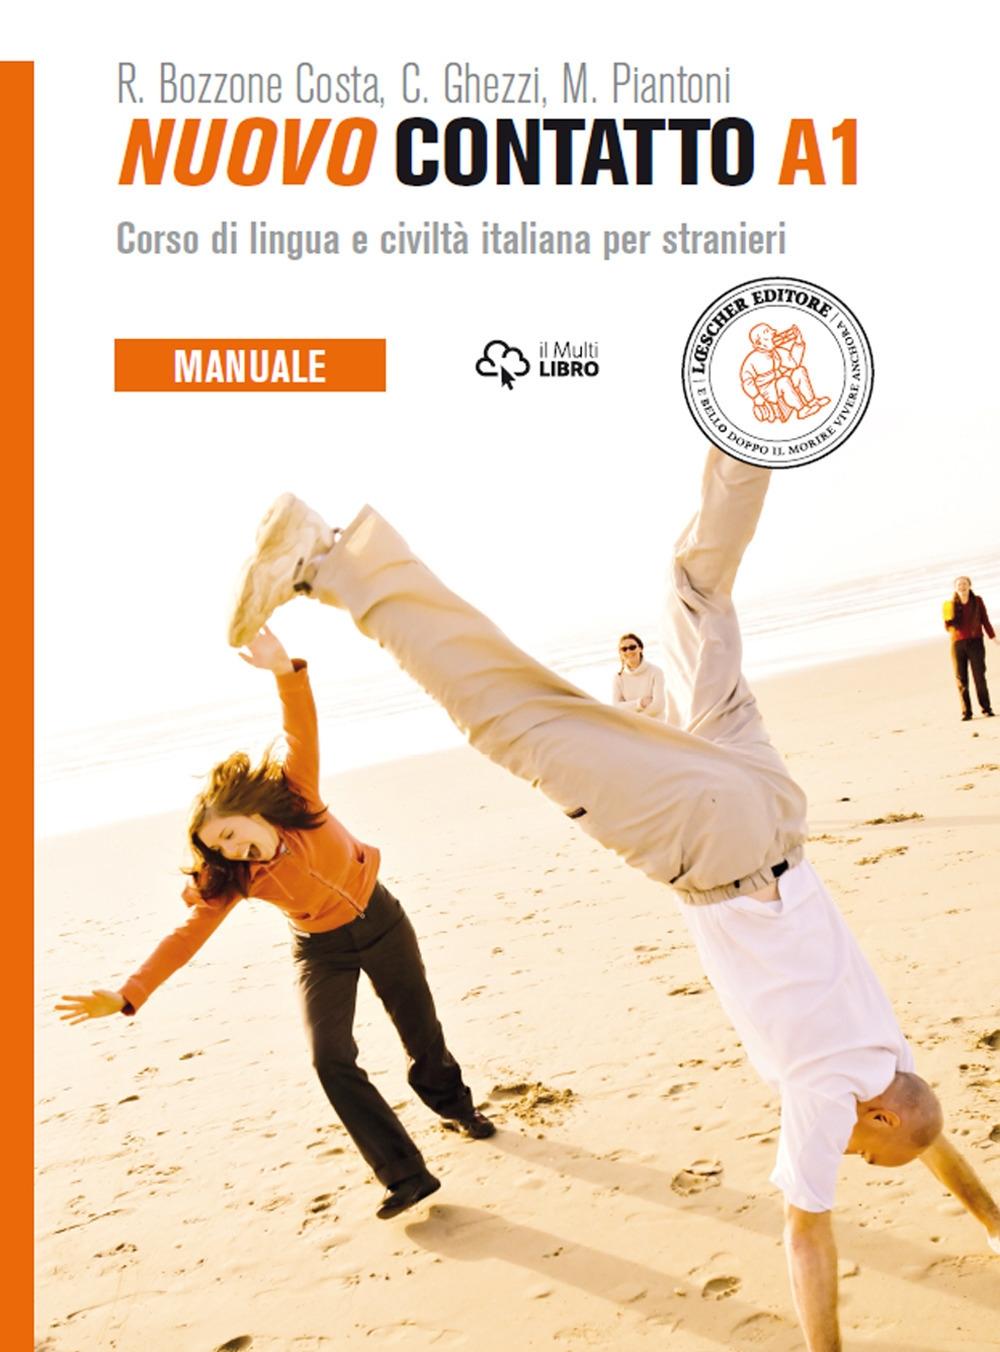 Nuovo Contatto. Corso di lingua e civiltà italiana per stranieri. Manuale A1.